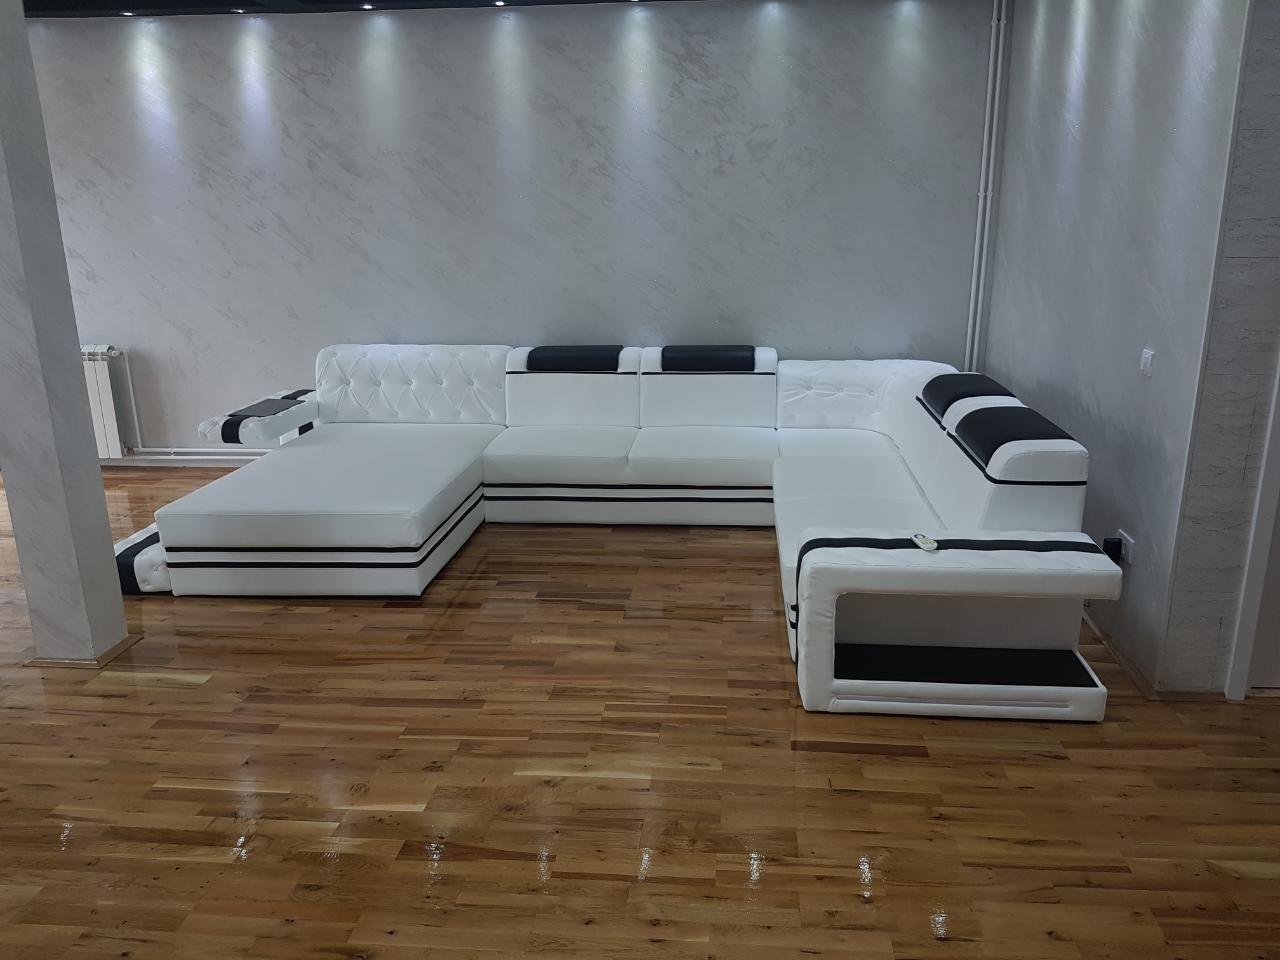 Canape Imperial Xxl Led Nativo Mobilier Design Living Room Sofa